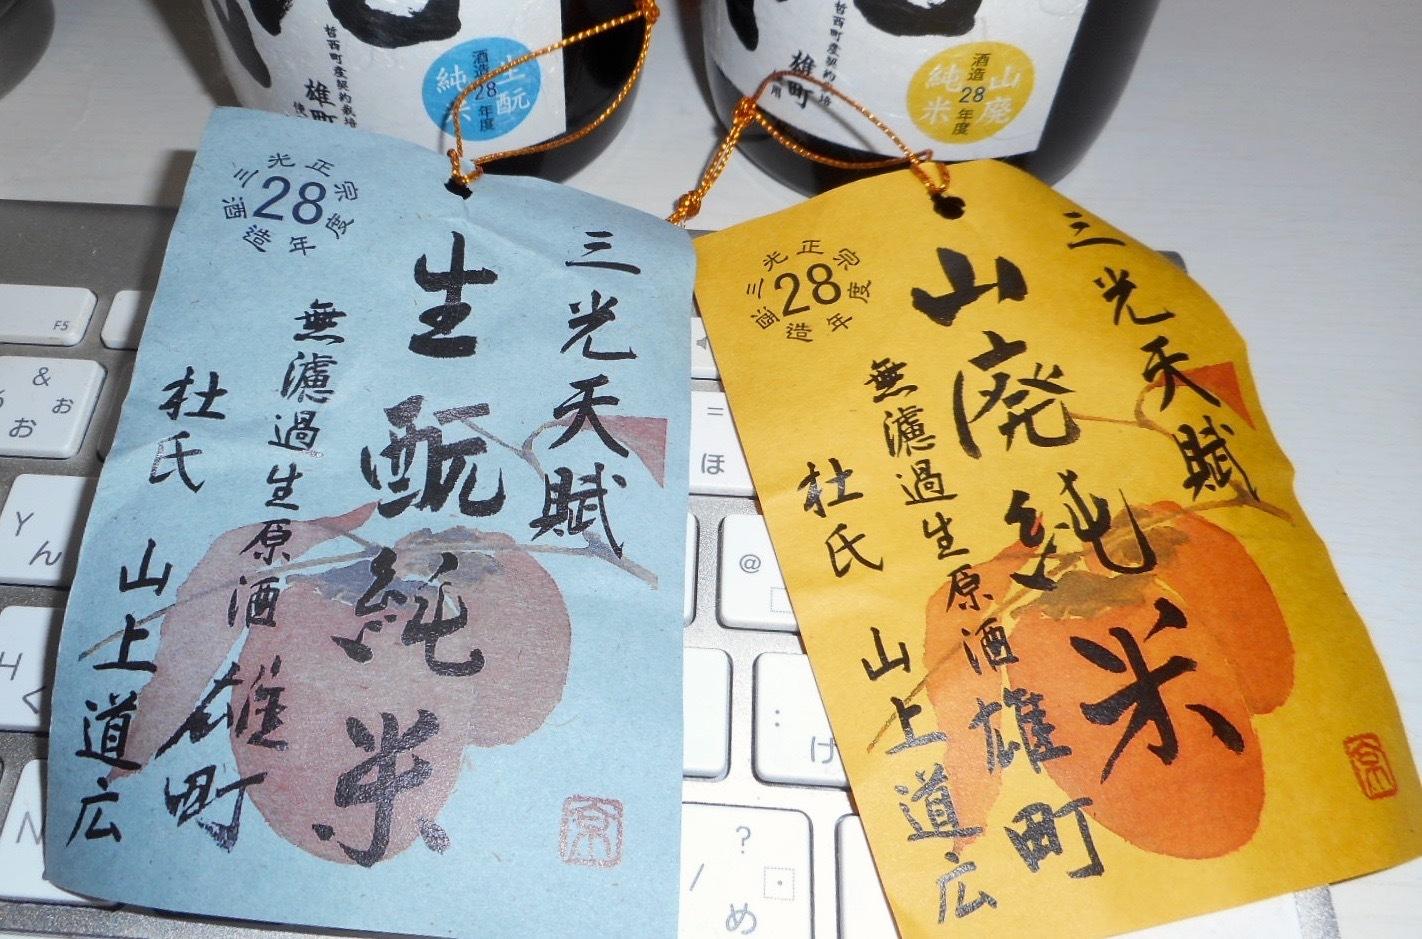 sankoutenpu_kimoto_omachi28by6.jpg